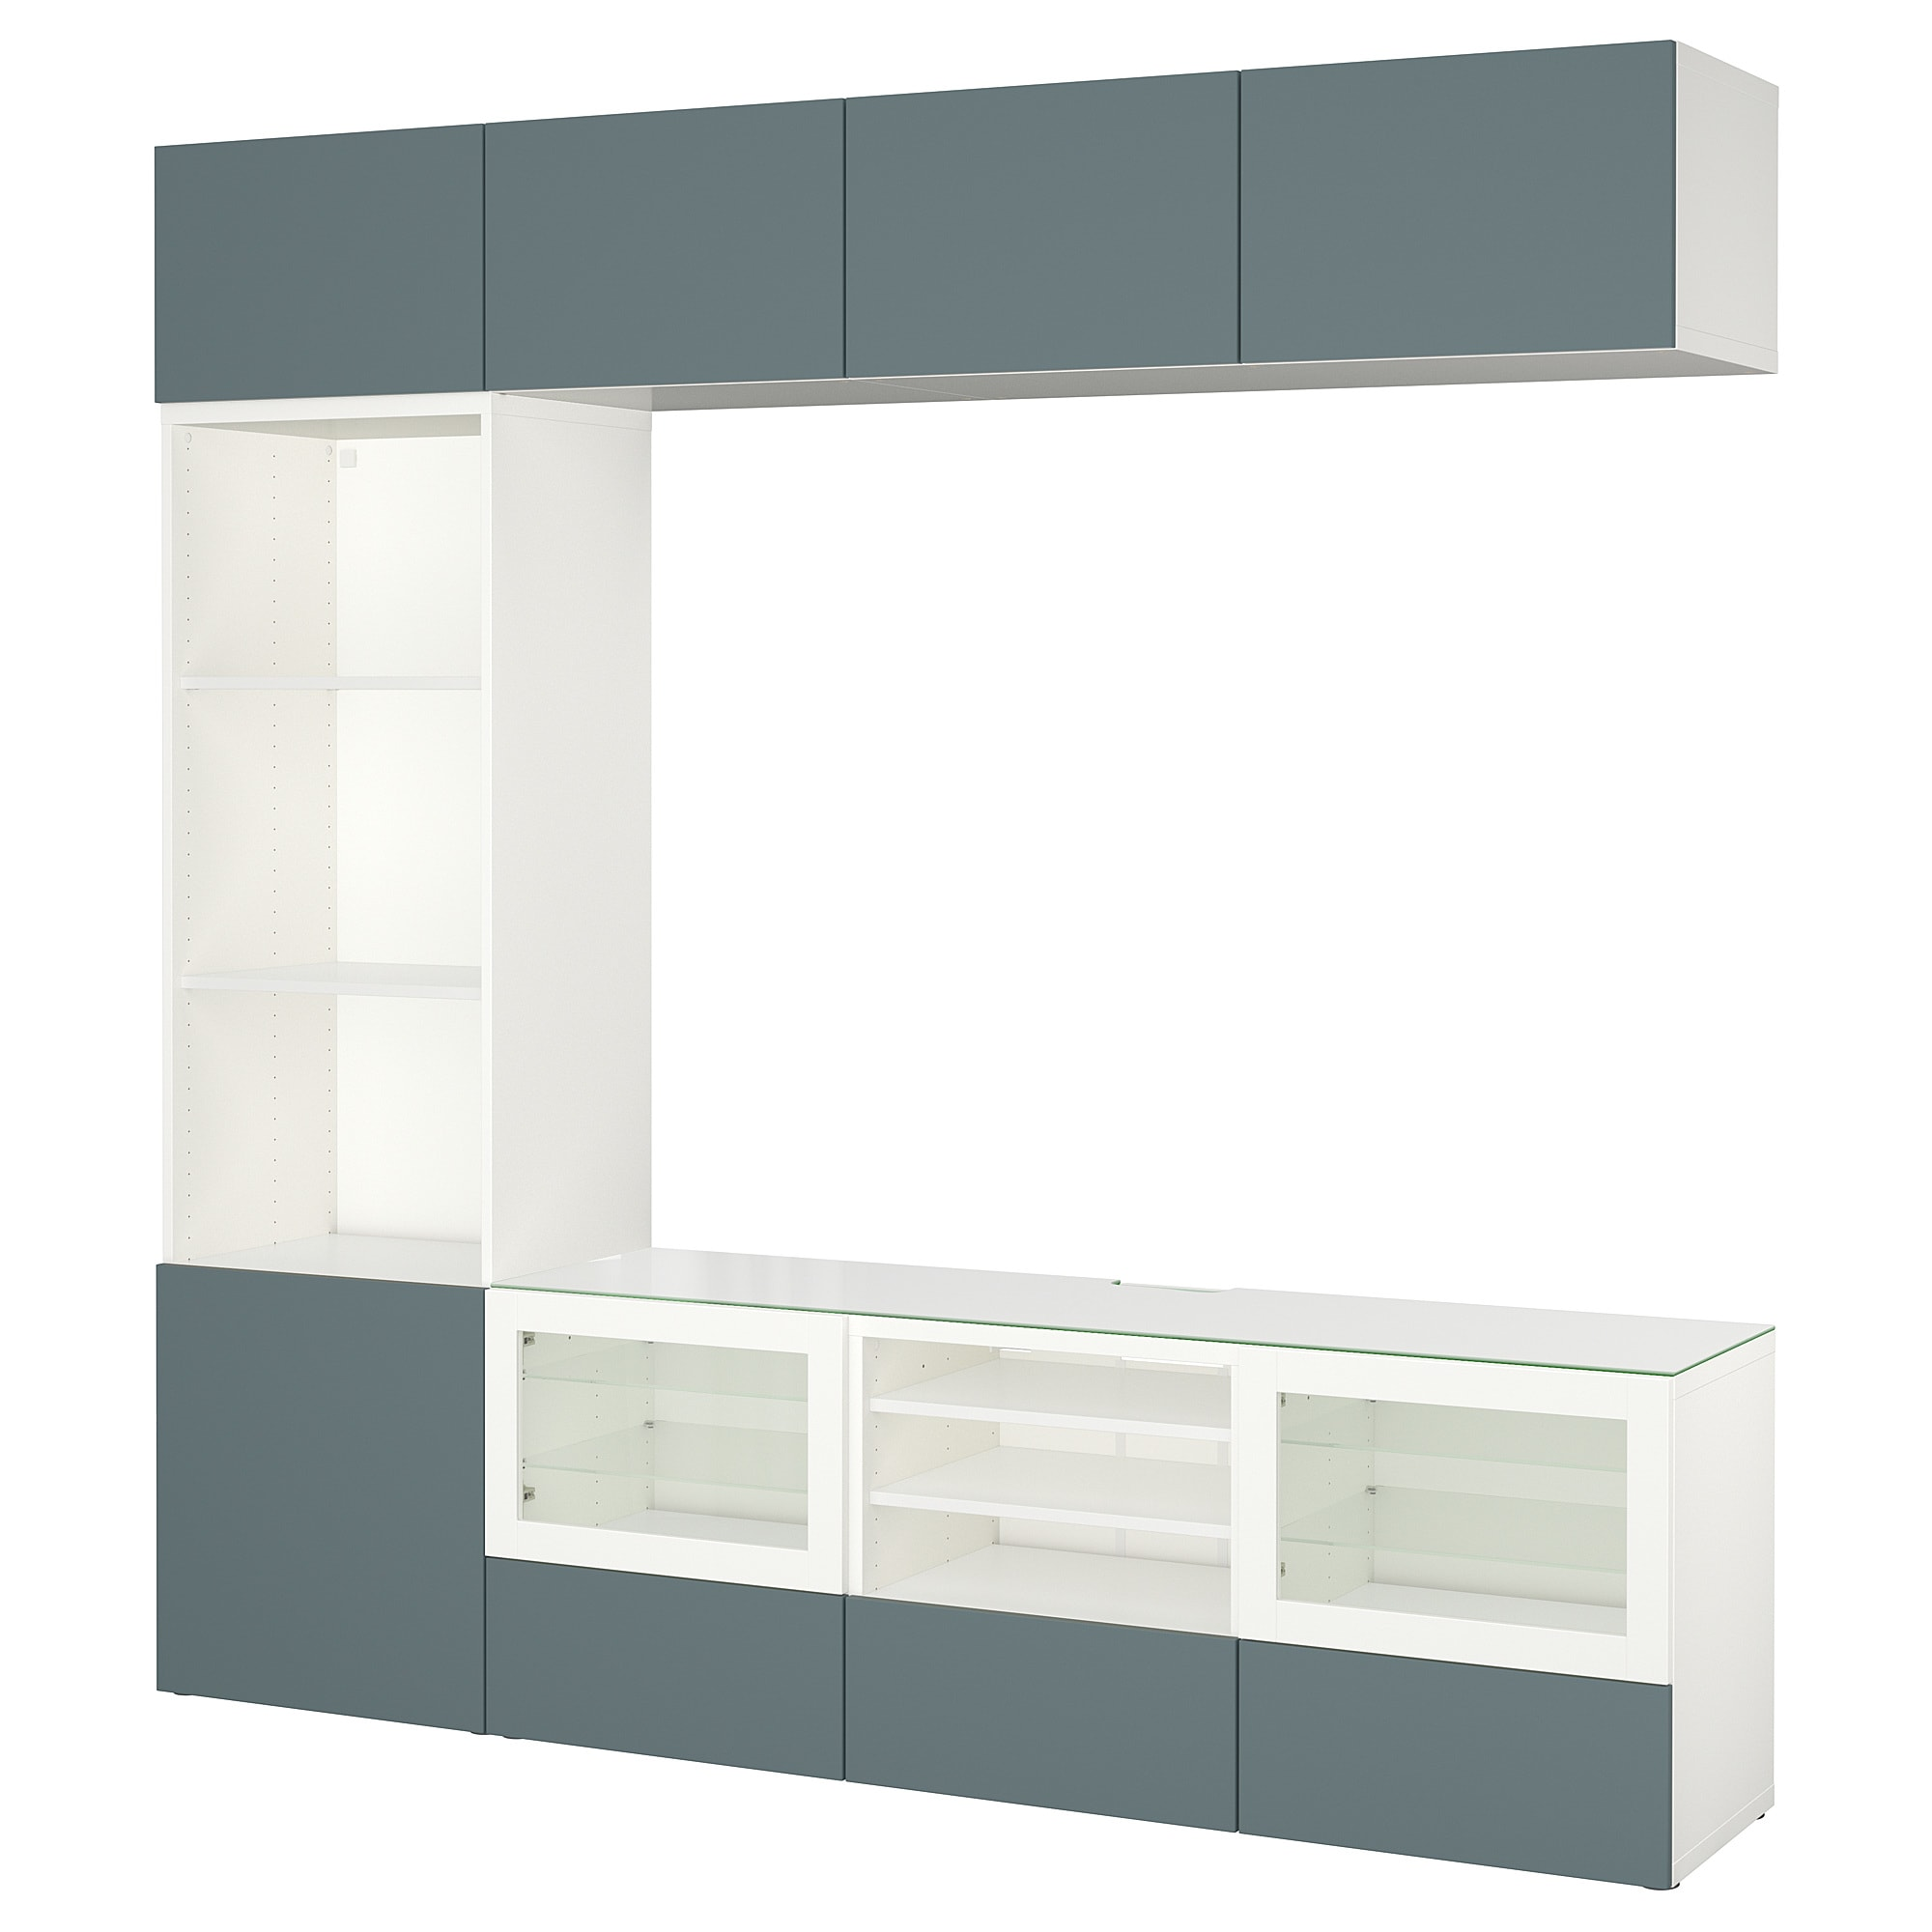 Шкаф для ТВ, комбинированный, стекляные дверцы БЕСТО белый артикуль № 392.462.42 в наличии. Online каталог IKEA РБ. Быстрая доставка и установка.